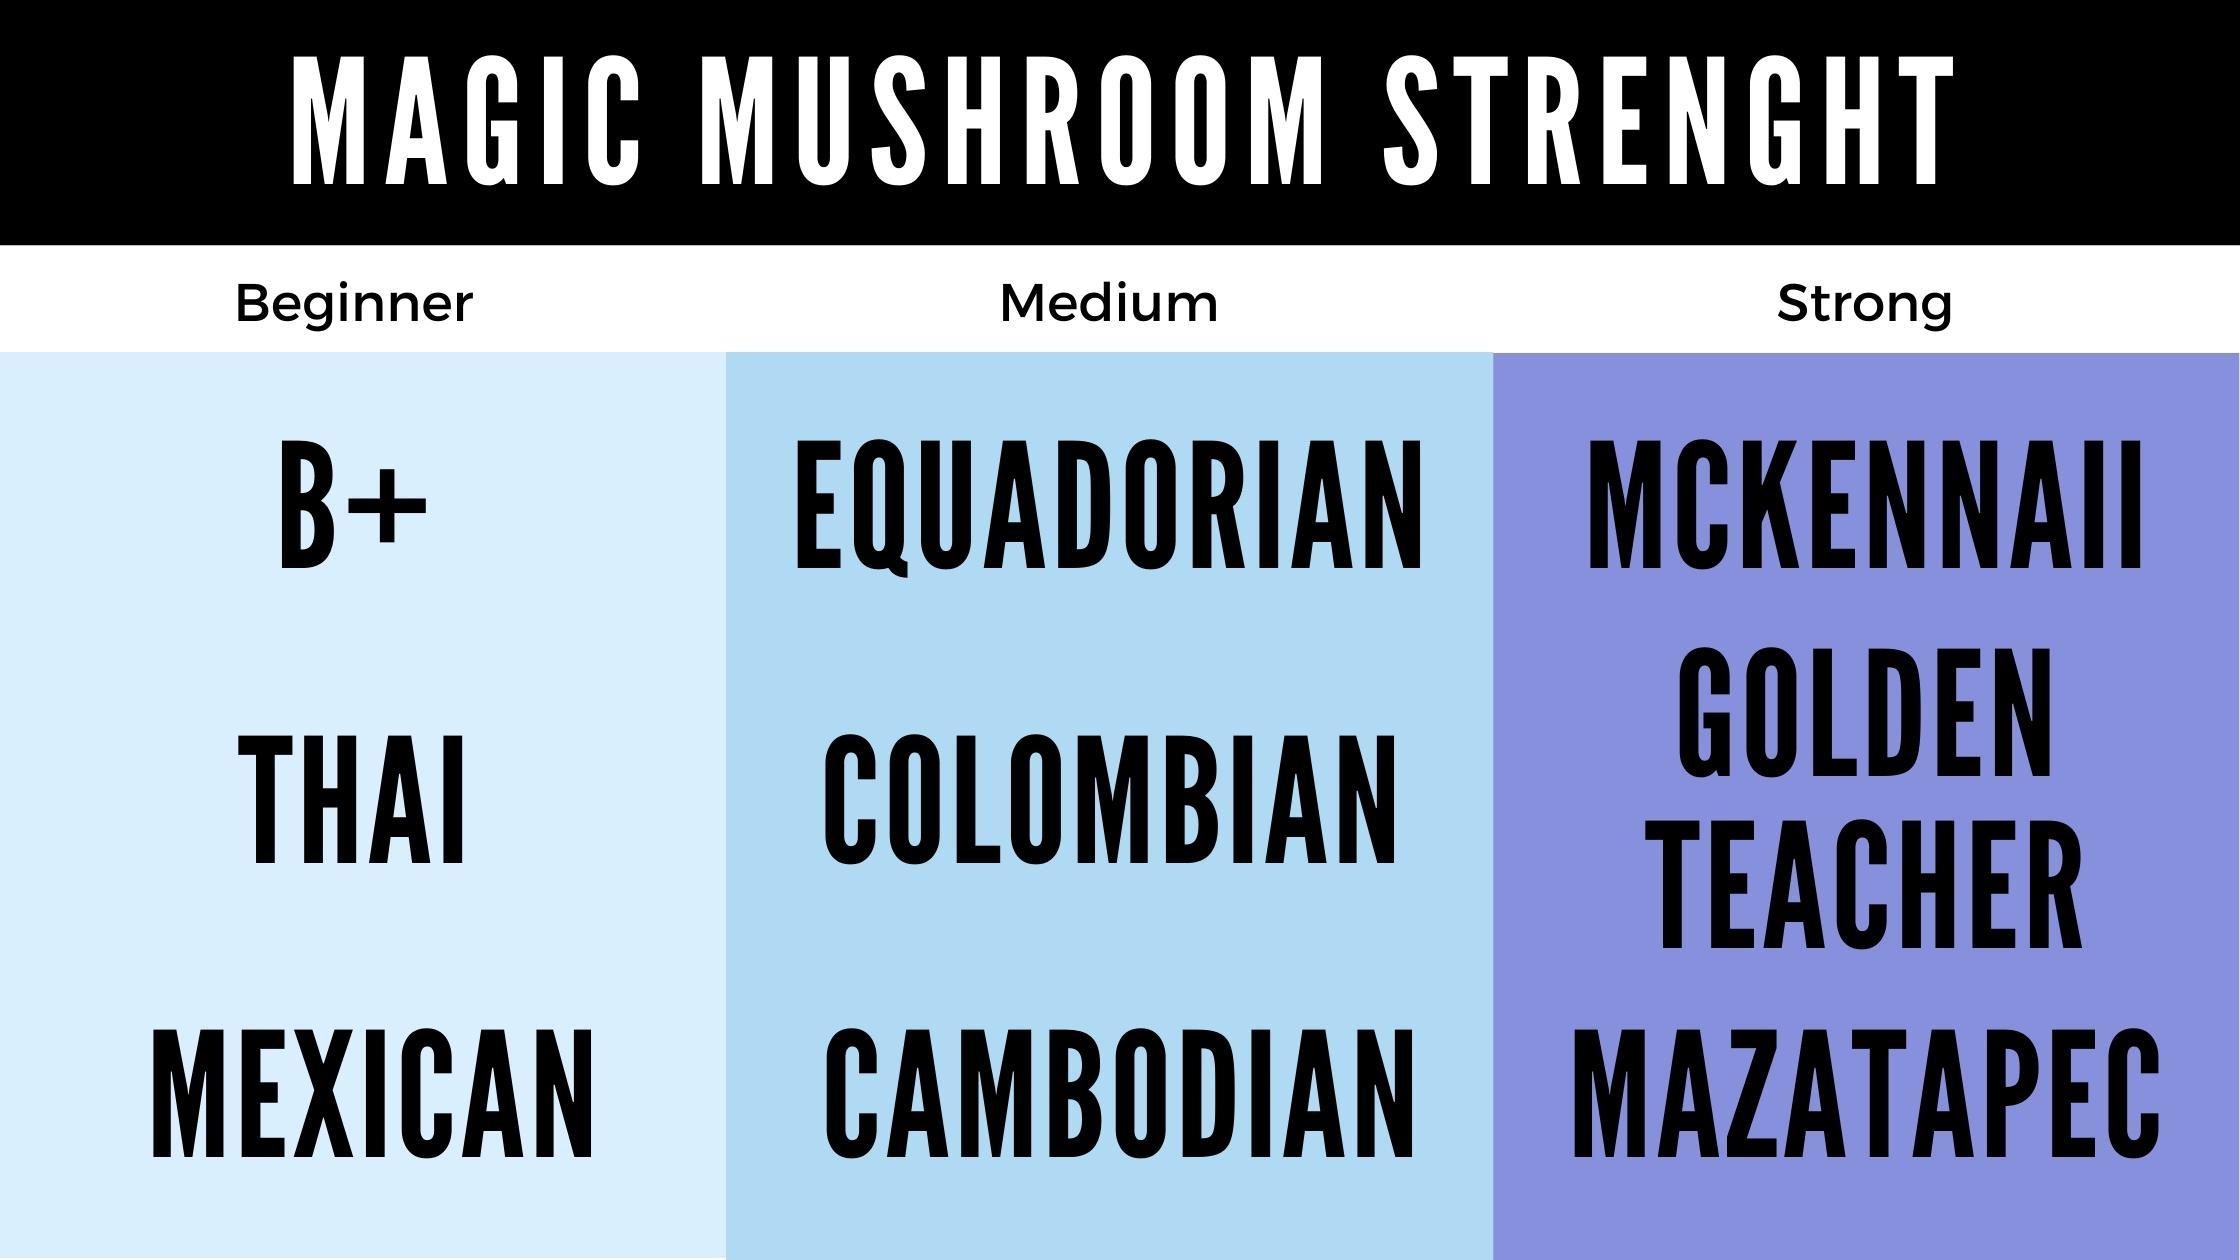 Magic Mushroom Grow Kit strength chart for beginners, medium and strong magic mushrooms